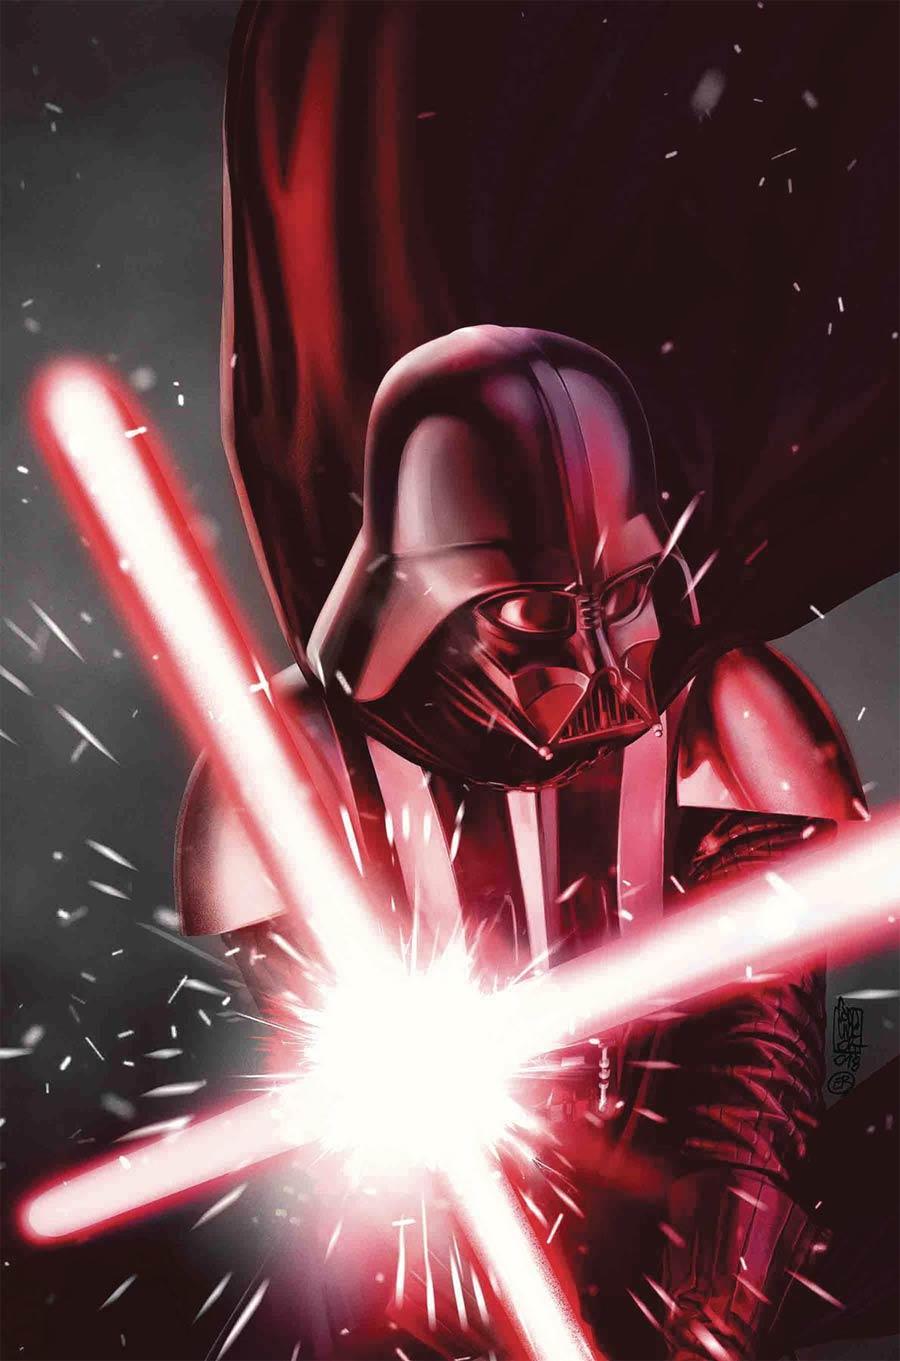 Darth Vader Vol 2 #20